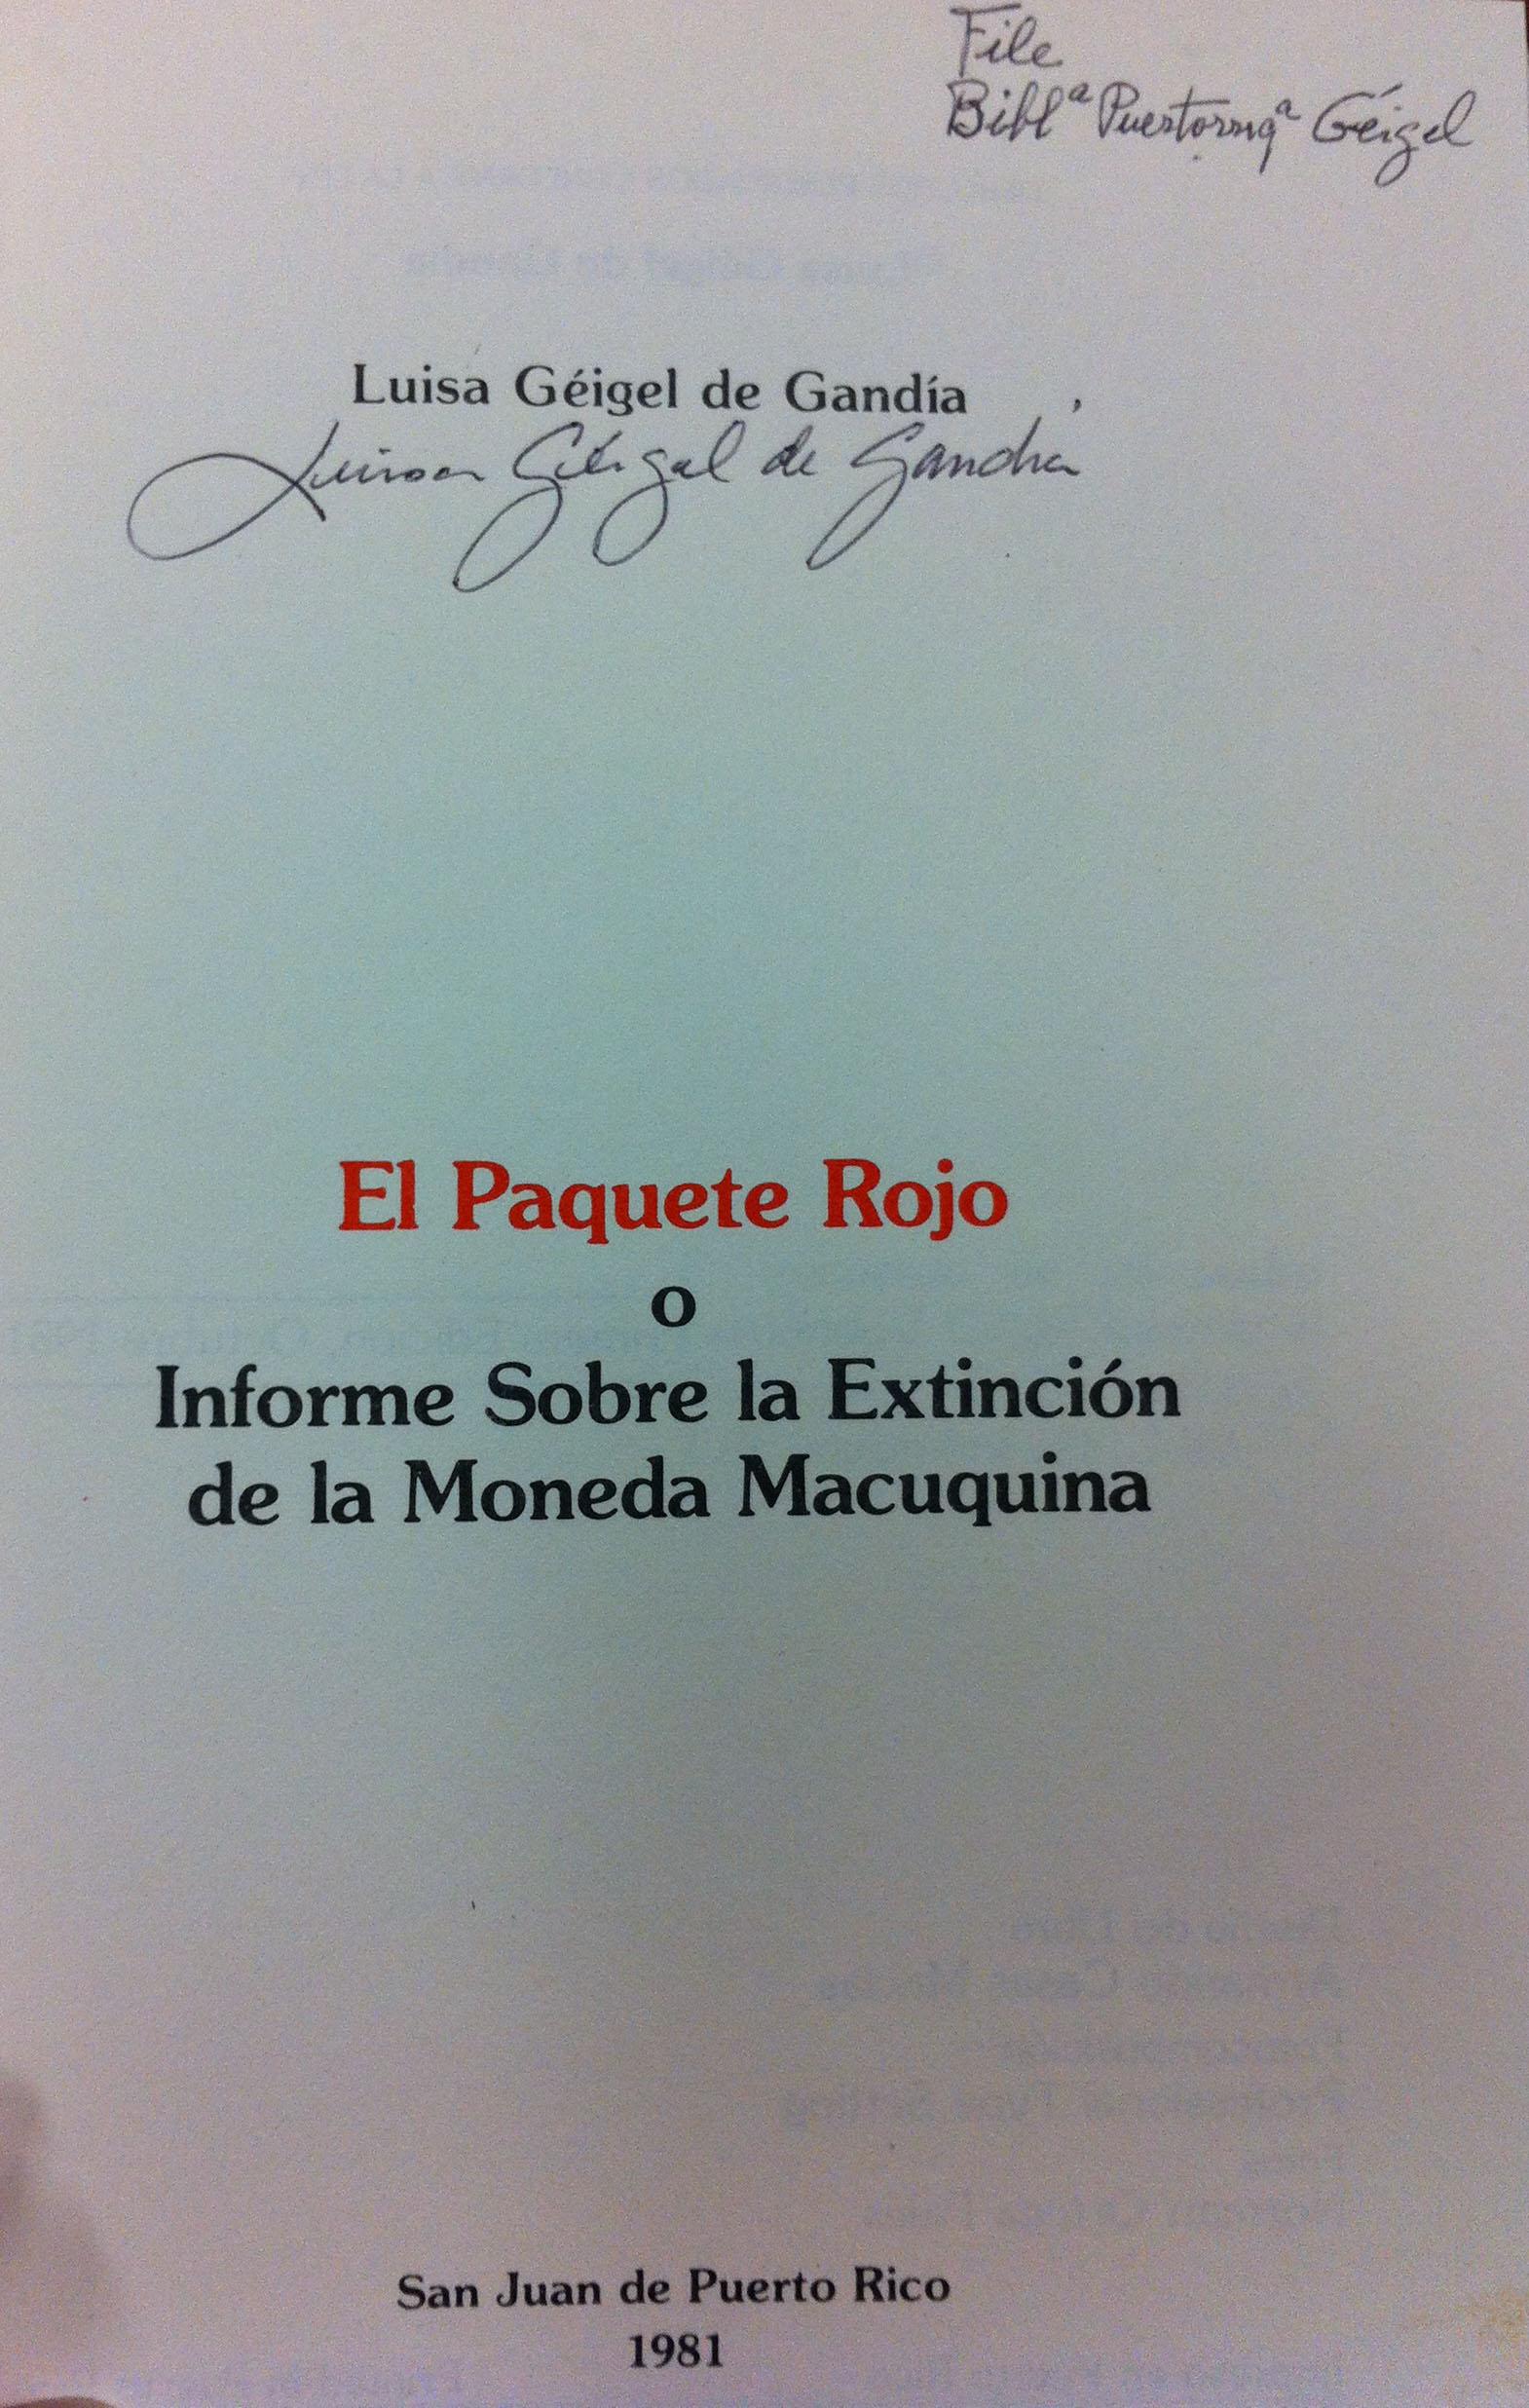 Luisa Géigel book, El Paquete Rojo